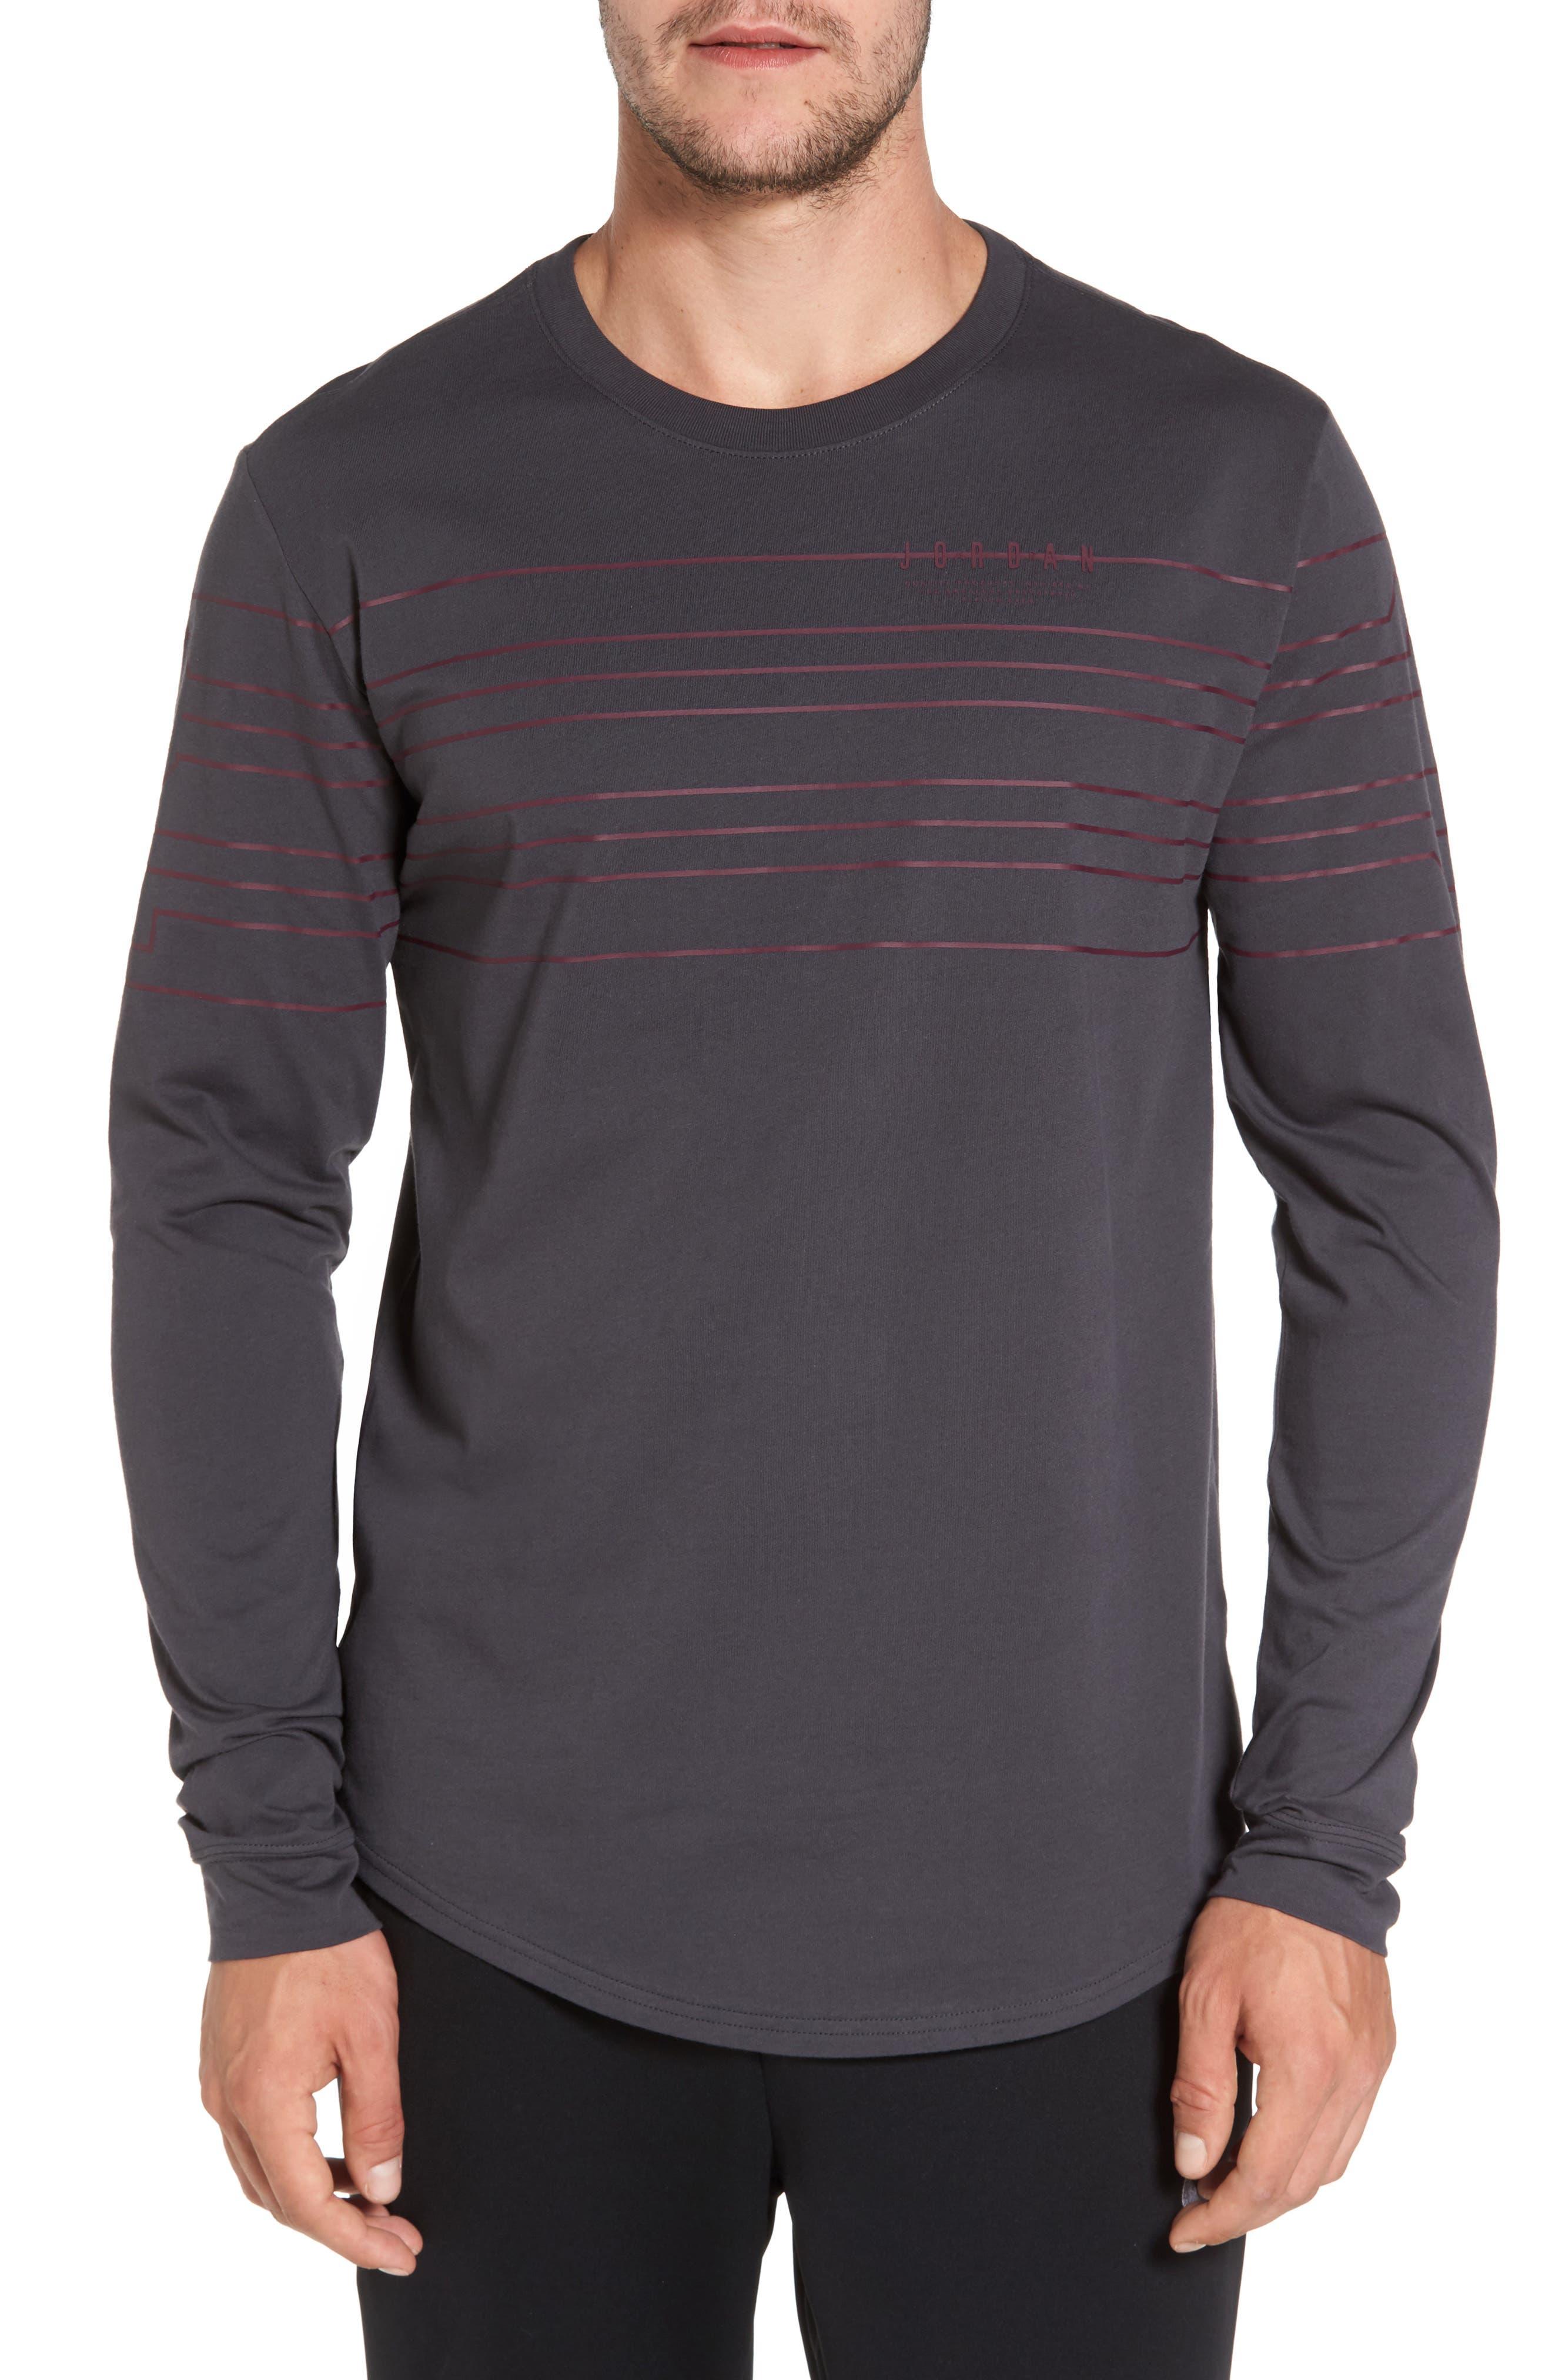 Sportswear 23 T-Shirt,                         Main,                         color, 060